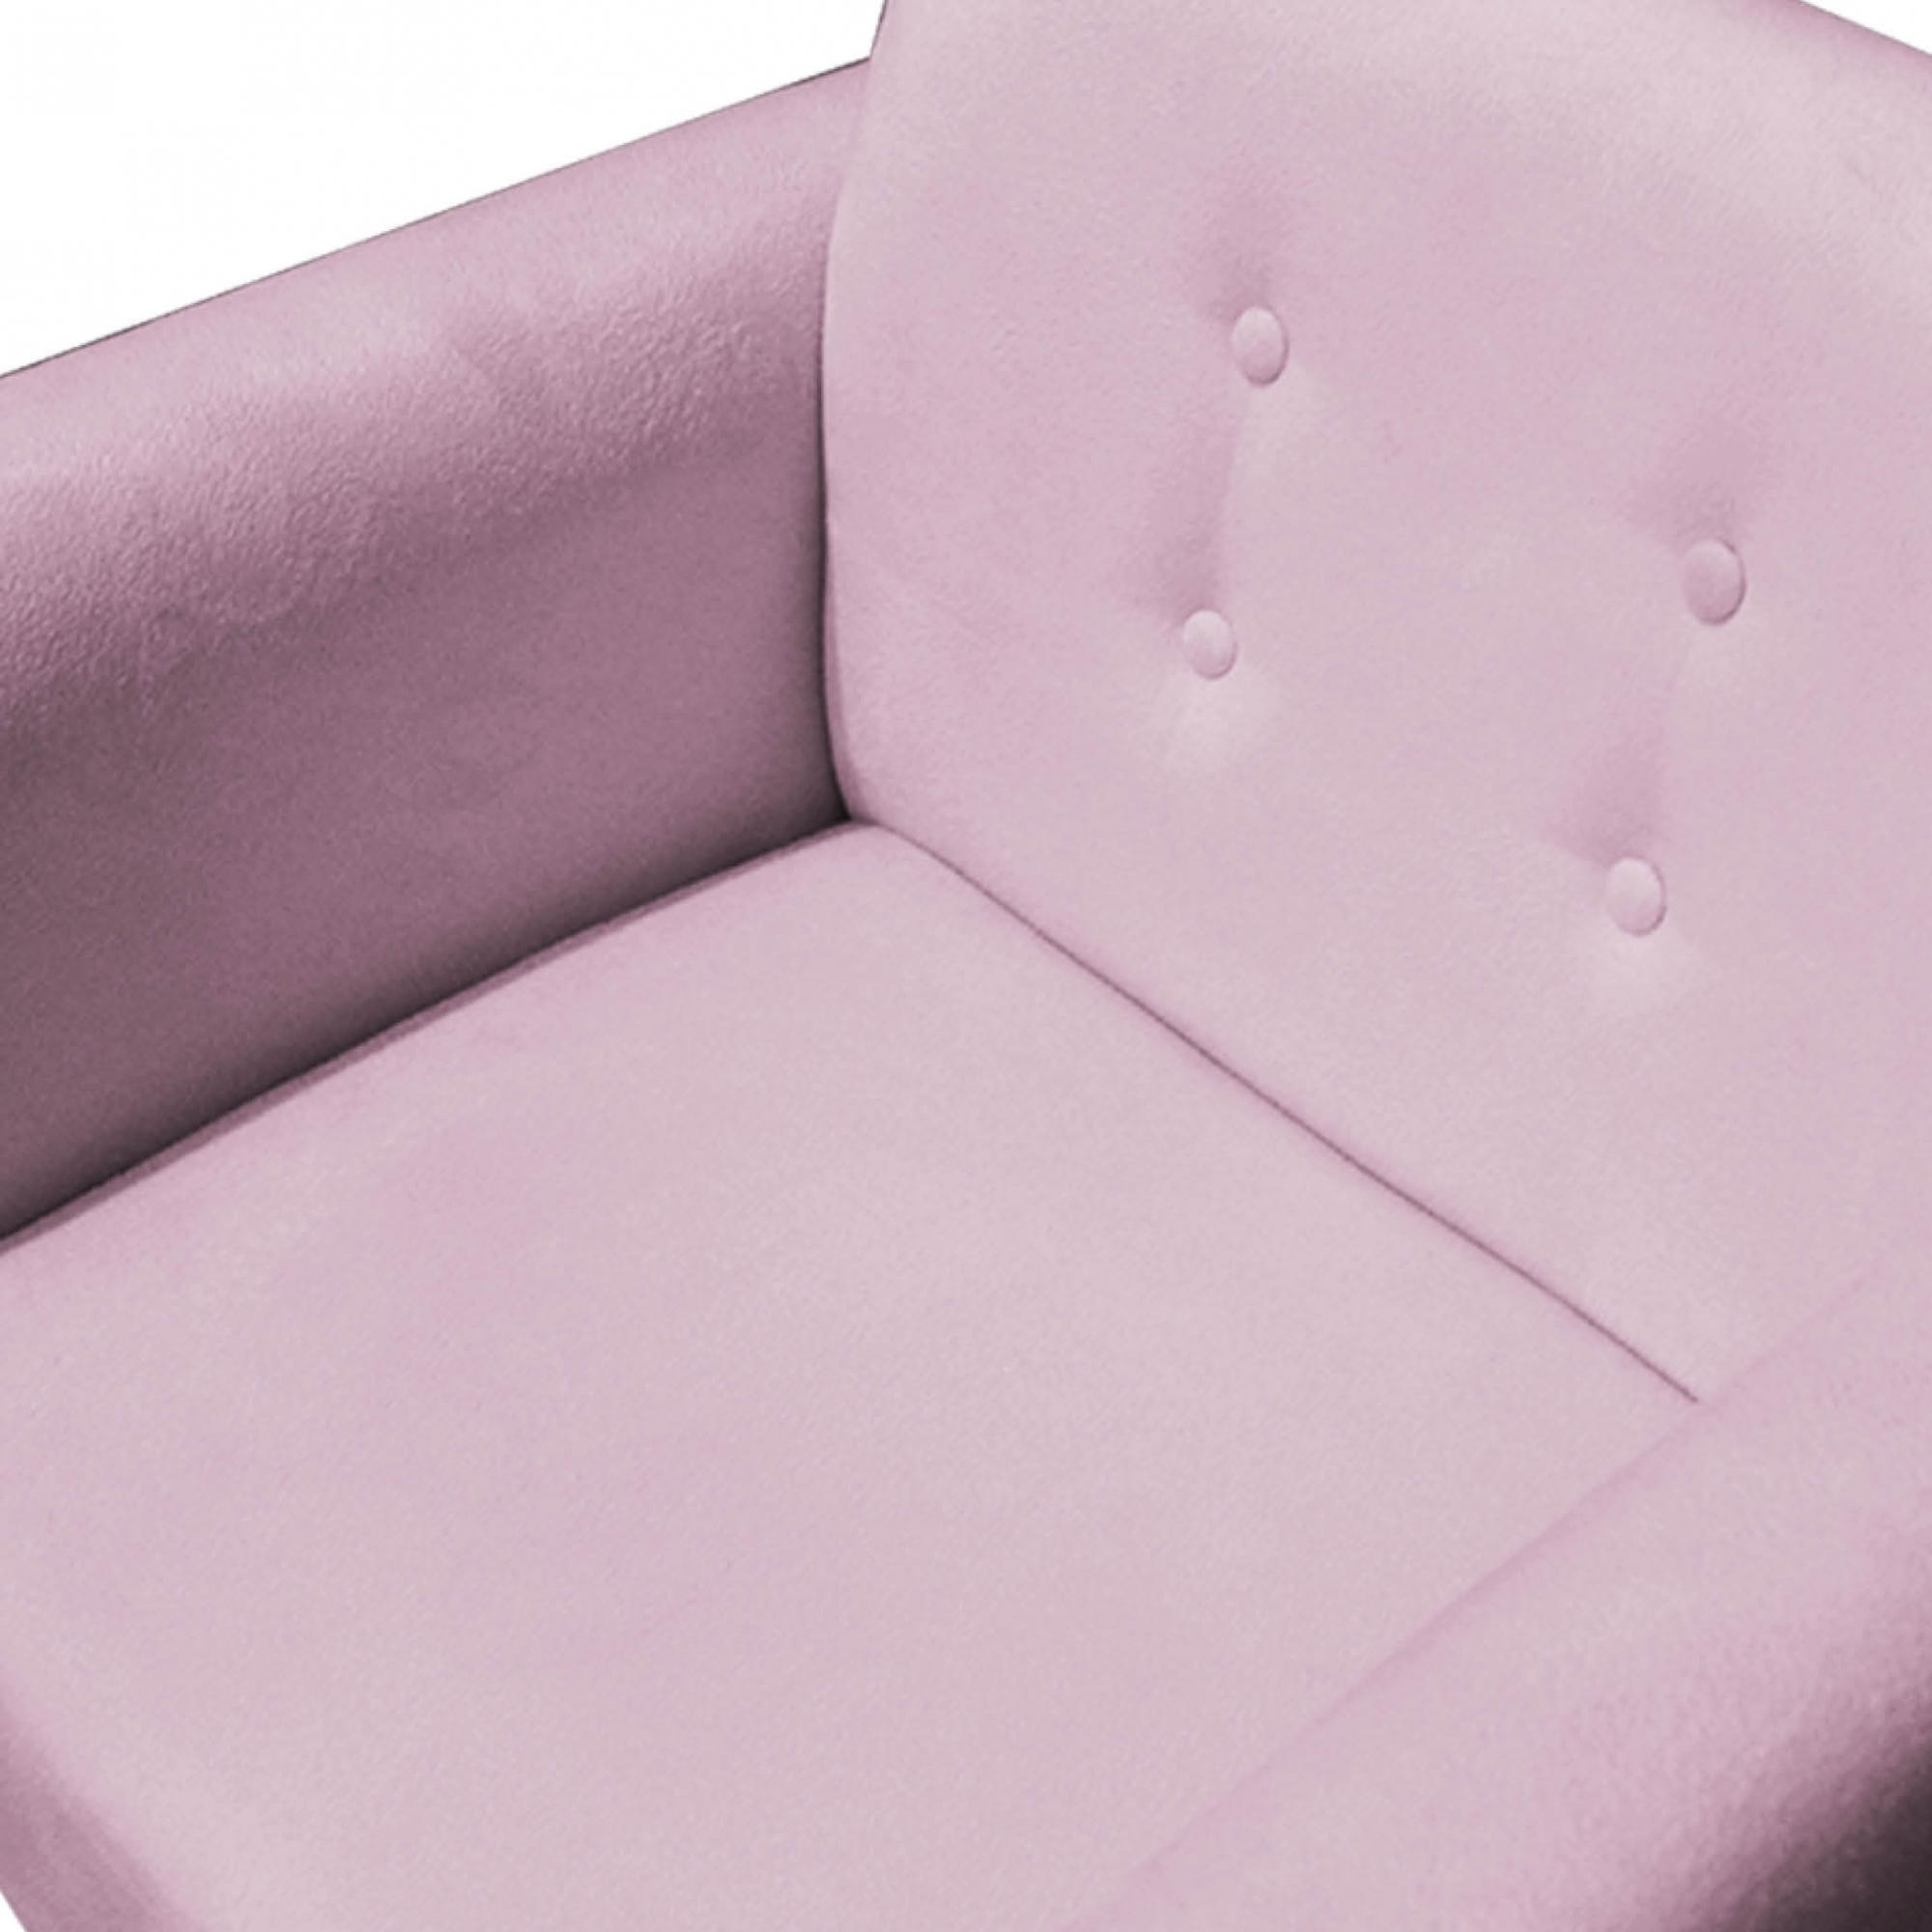 Kit 3 Poltrona Duda Decoraçâo Pé Palito Cadeira Recepção Escritório Clinica D'Classe Decor Suede Rosa Bebê